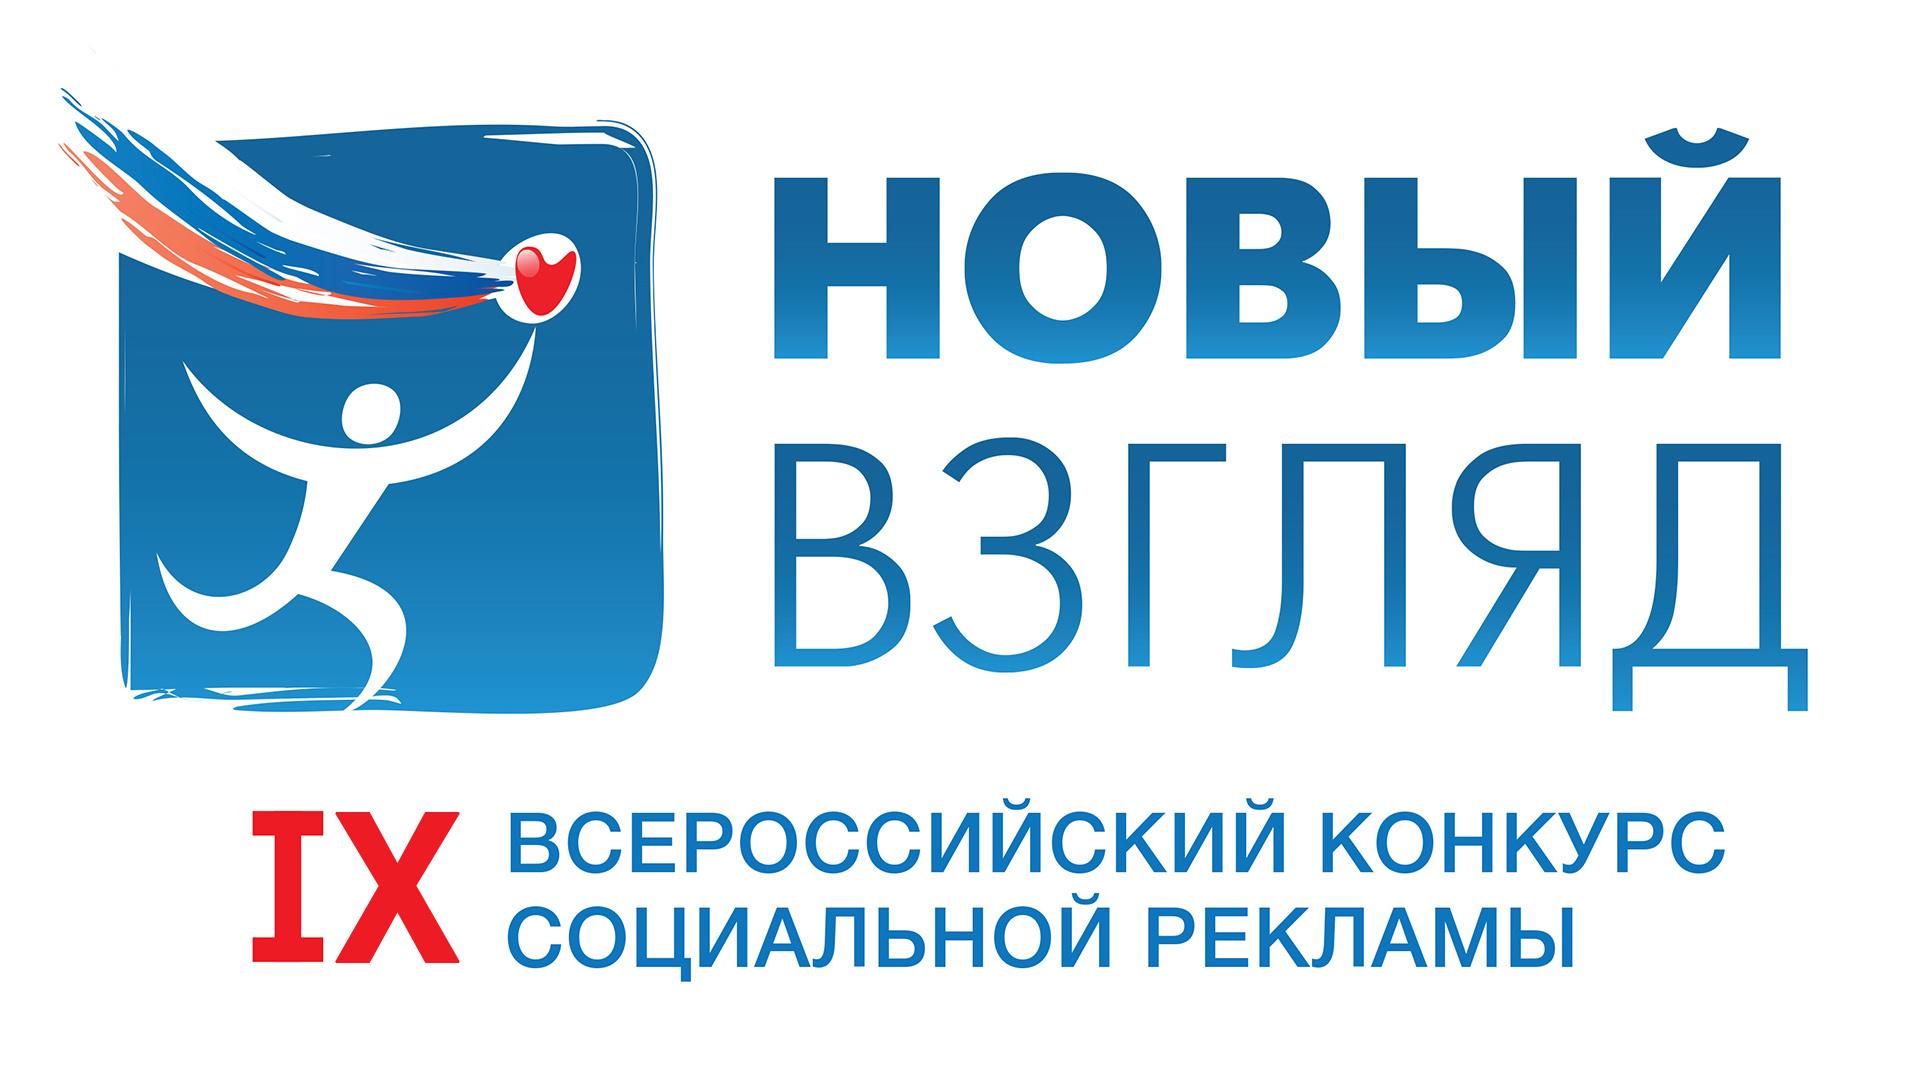 IX Всероссийский конкурс социальной рекламы «Новый взгляд»